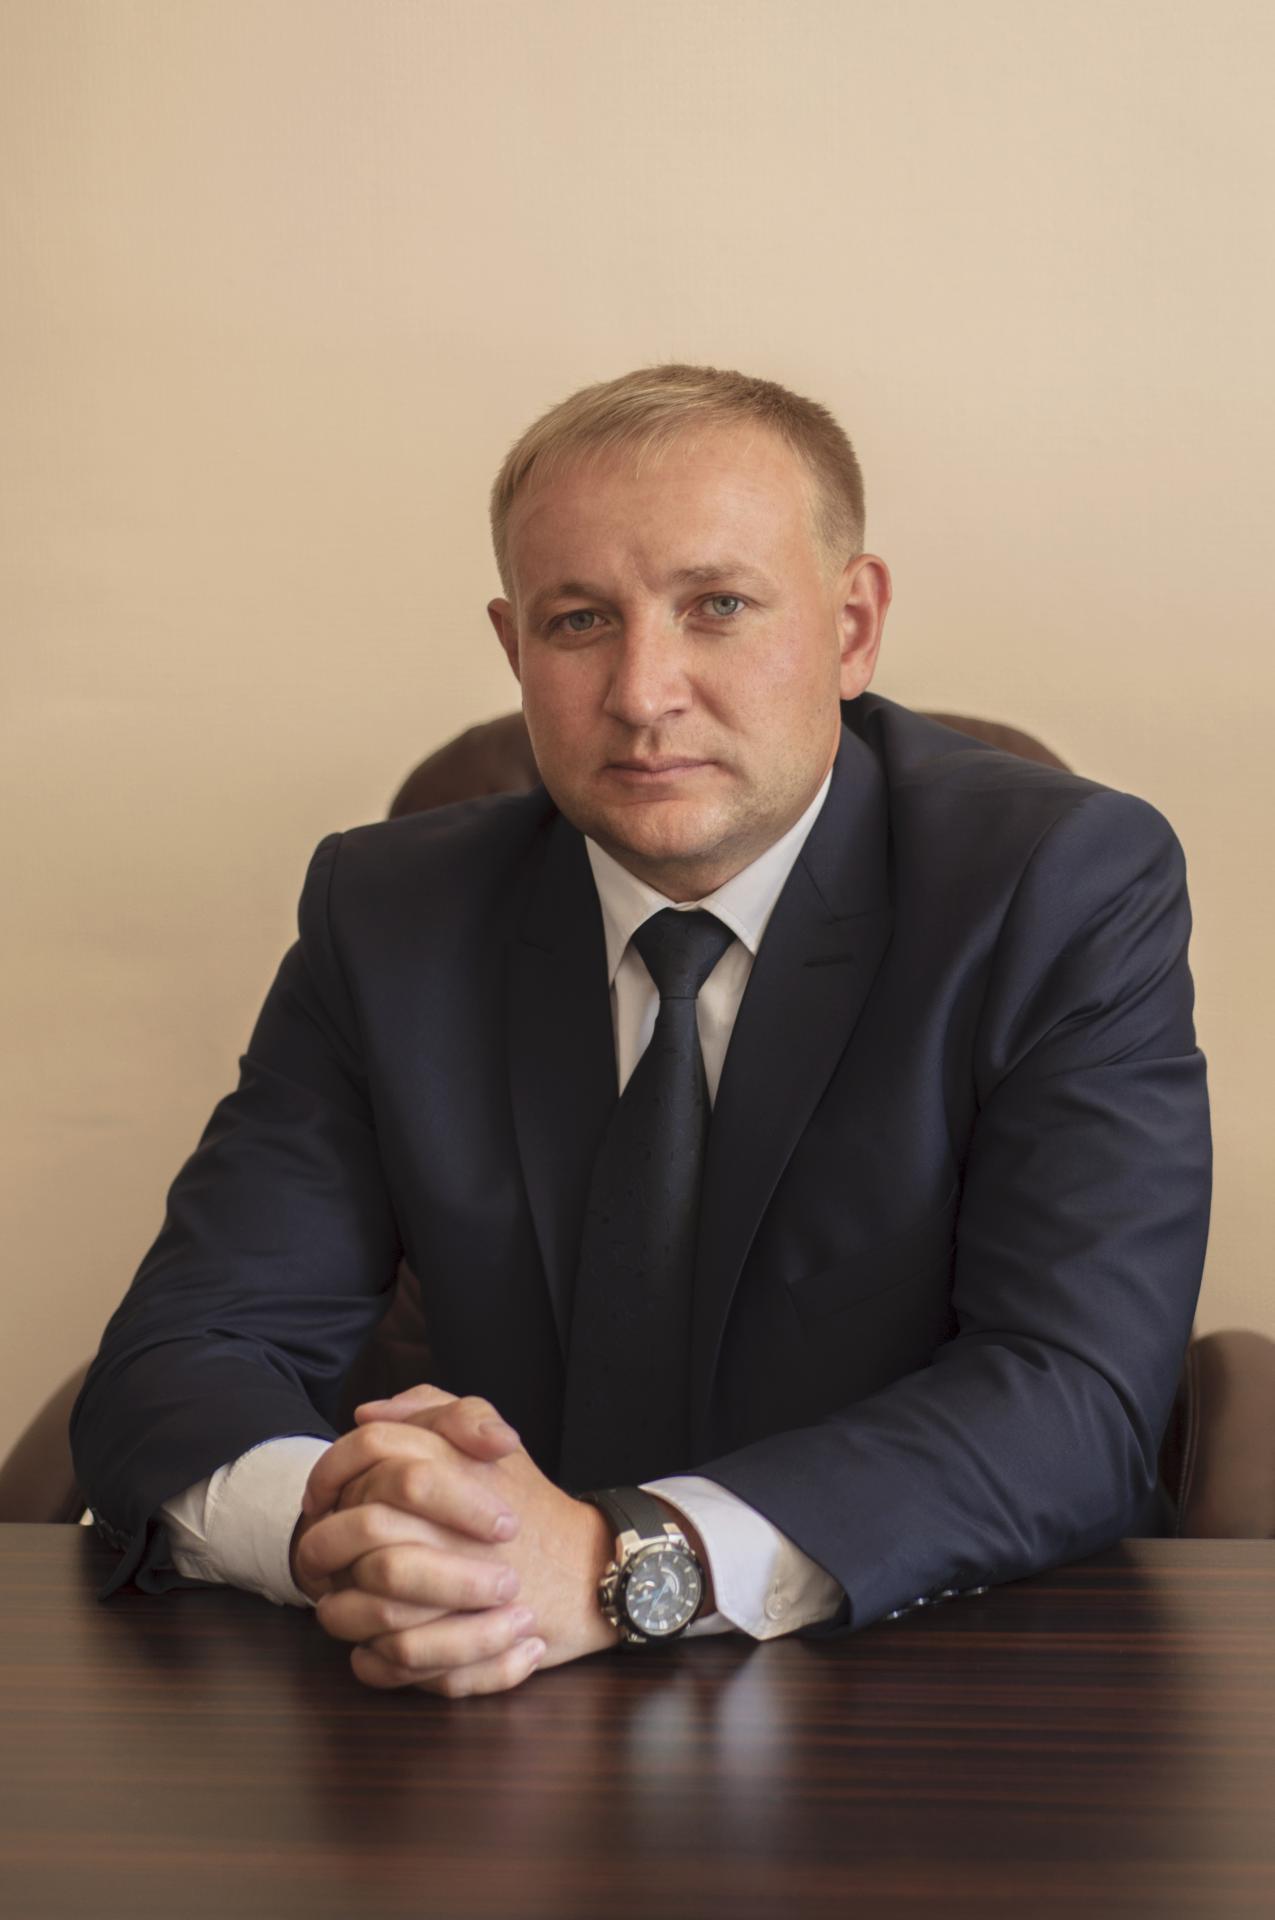 Руководителем коллегии является Белаш Сергей Владимирович (стаж адвоката 15 лет)